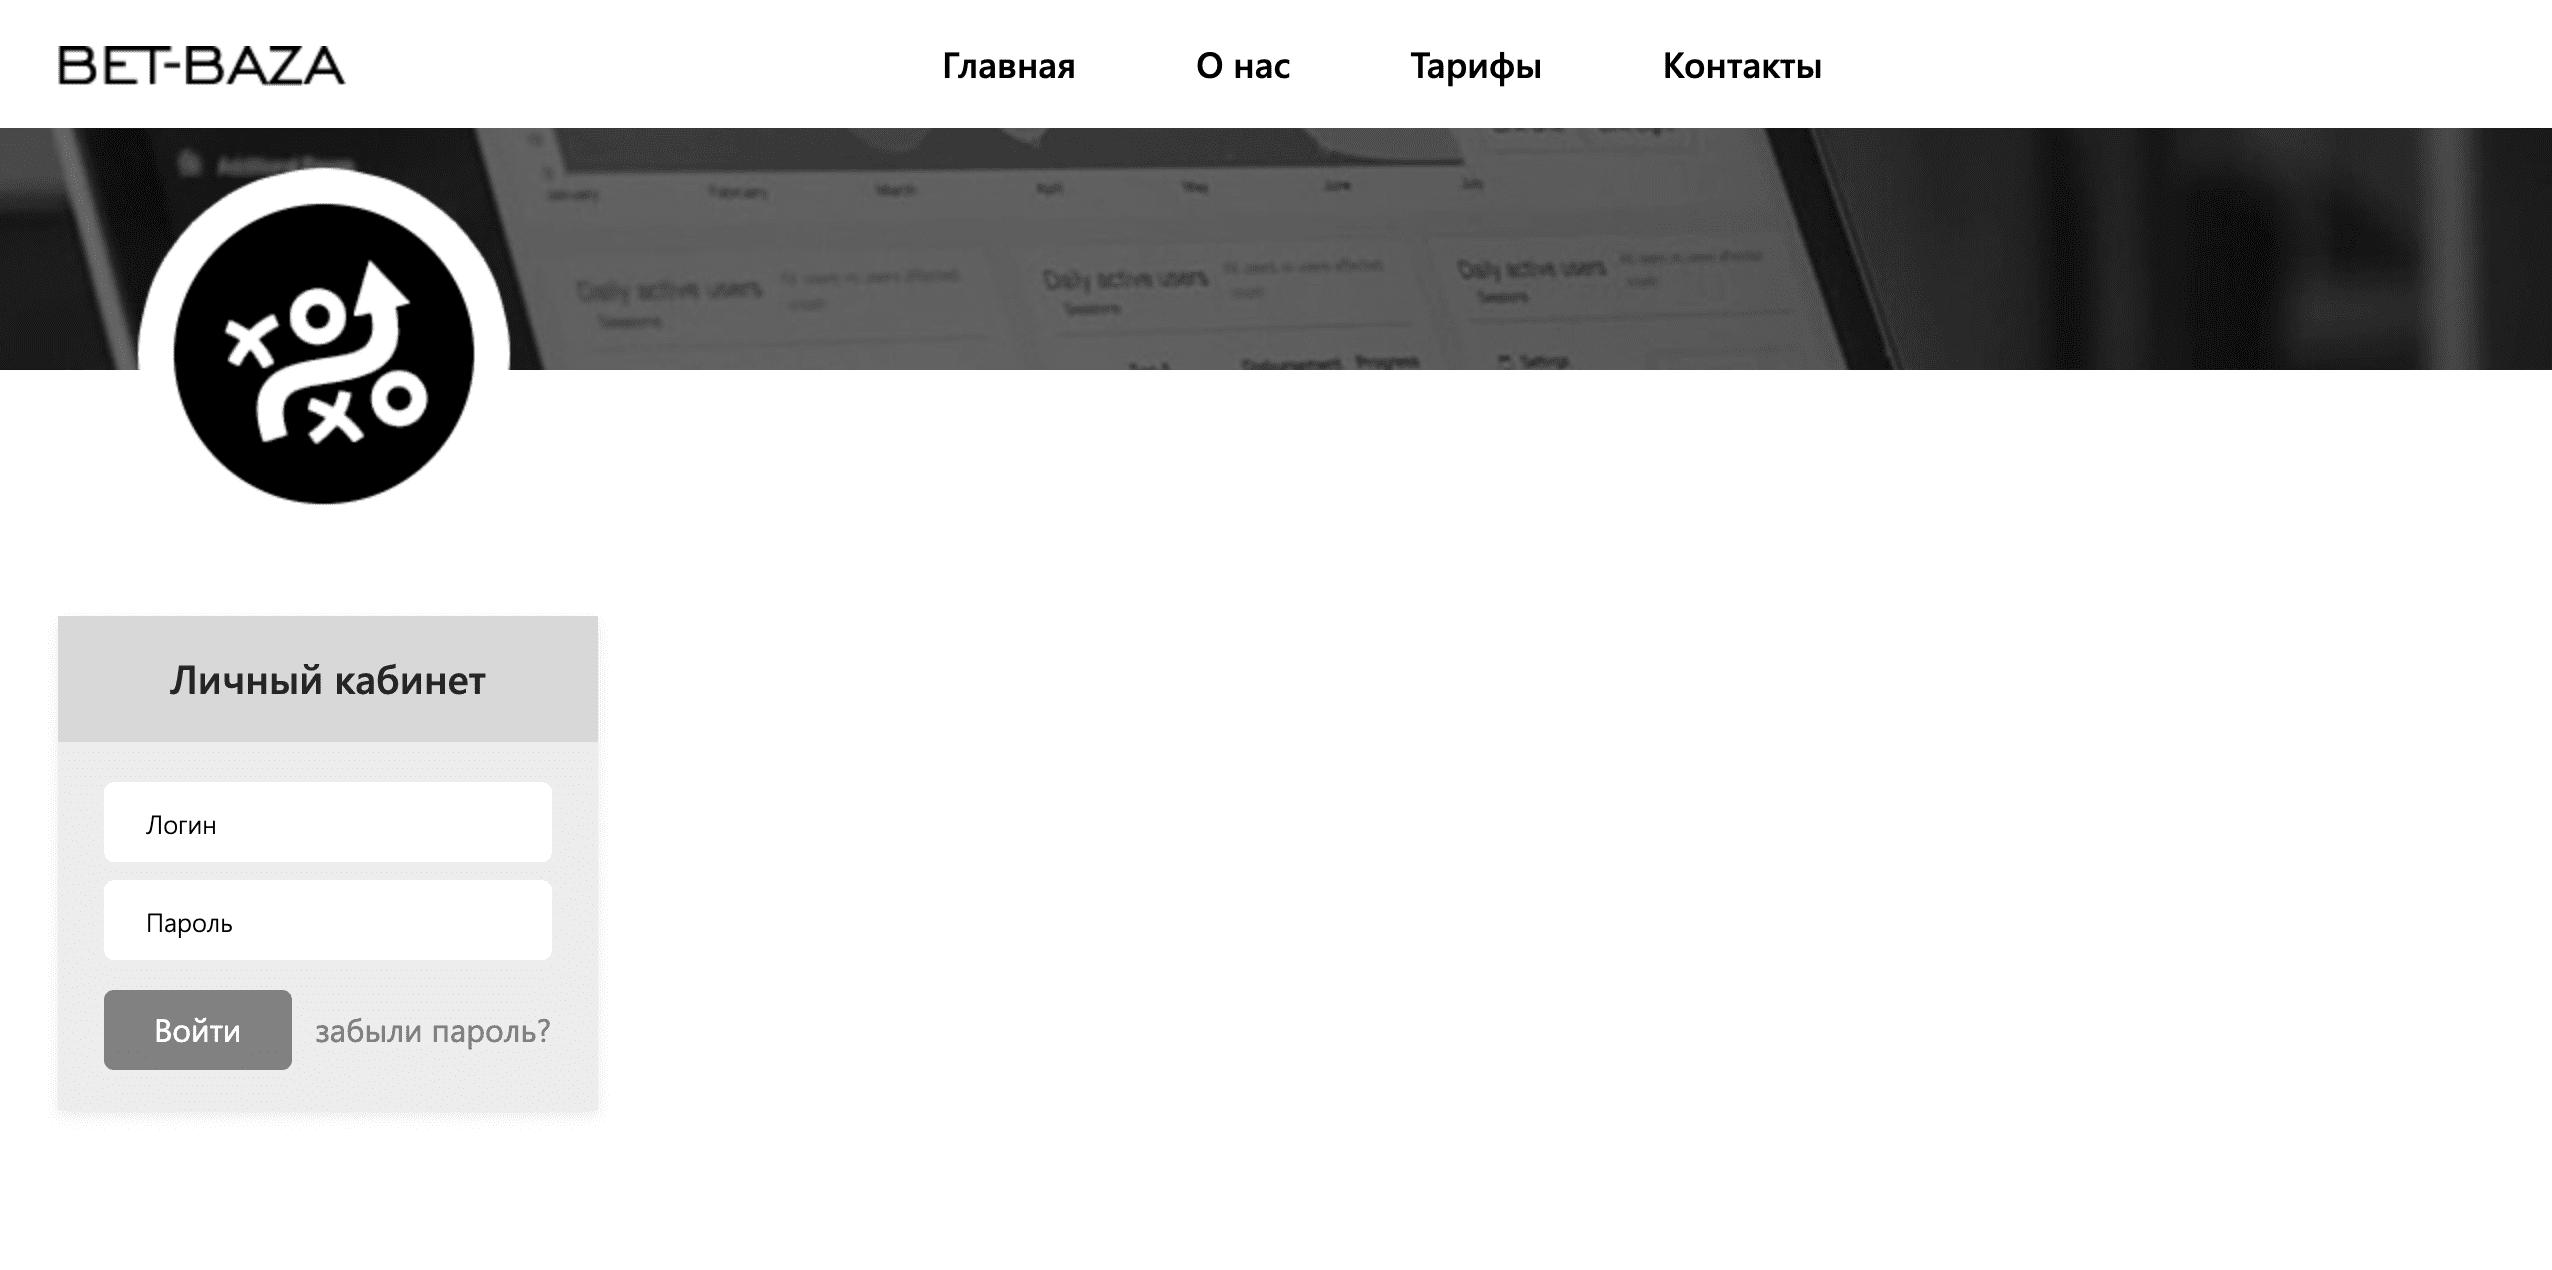 Главная страница сайта Бет-База.ком (Bet-Baza.com)